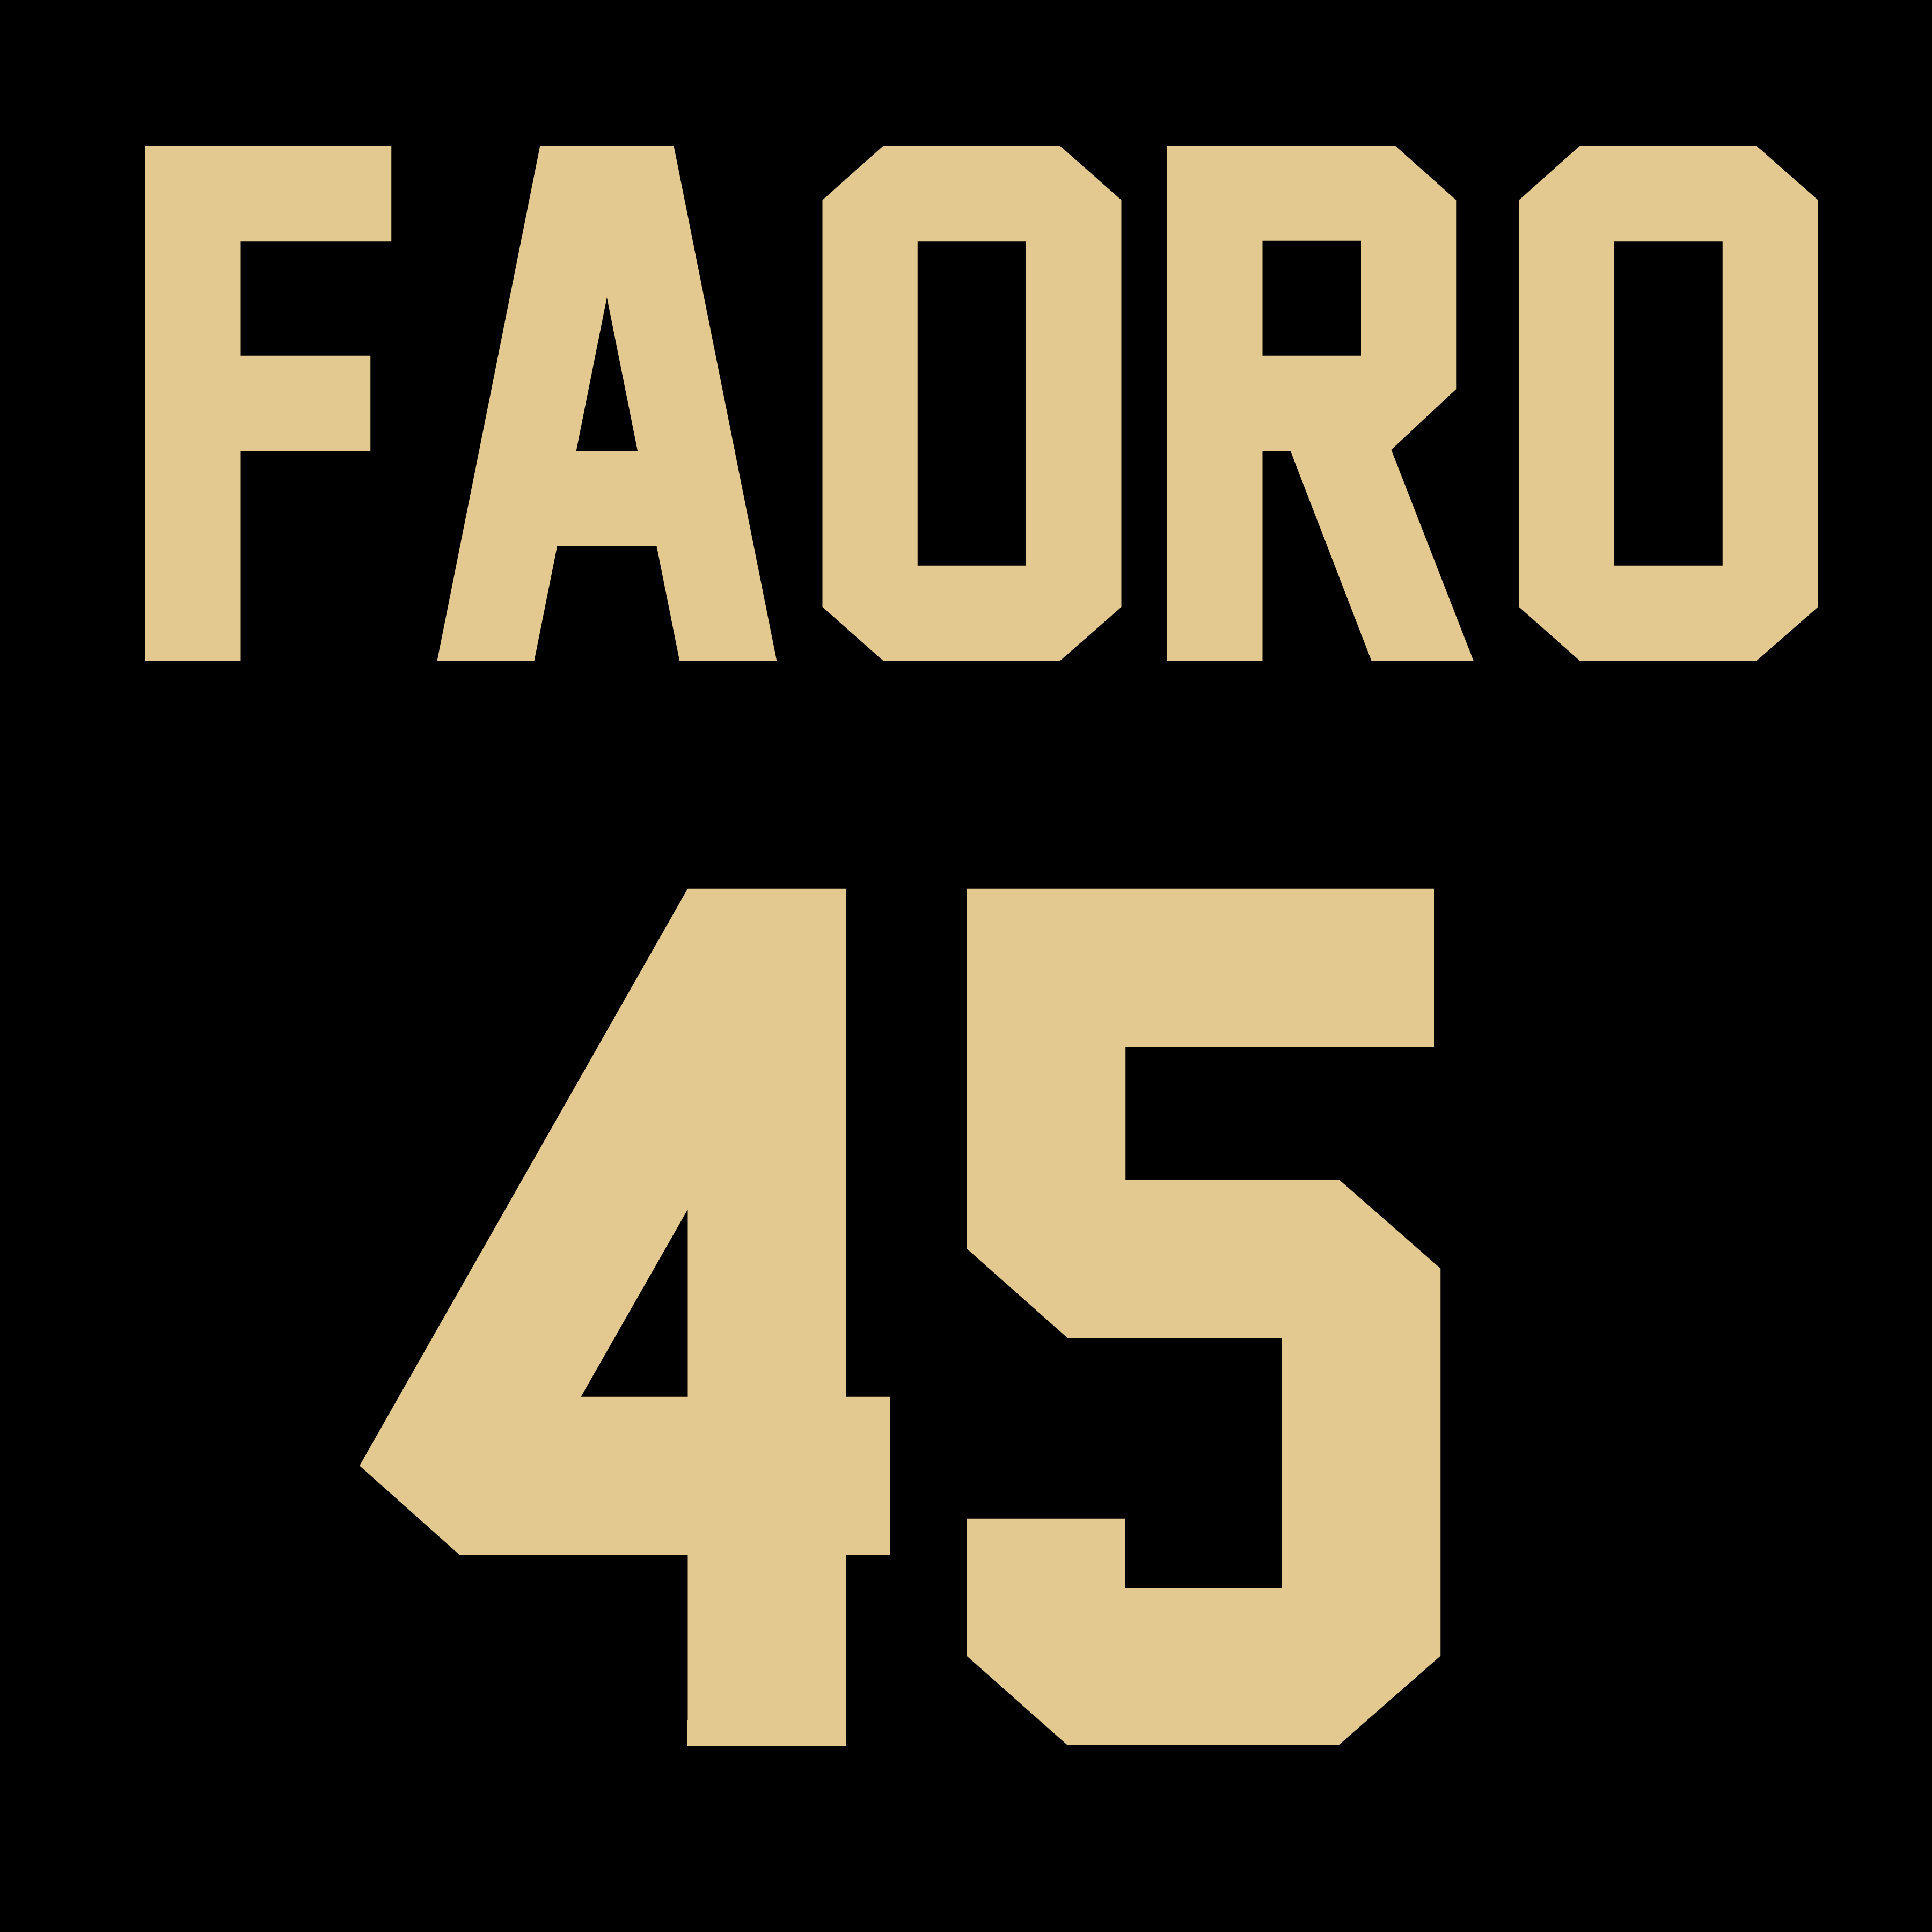 Women's Steve Faoro #45 Fan Jersey